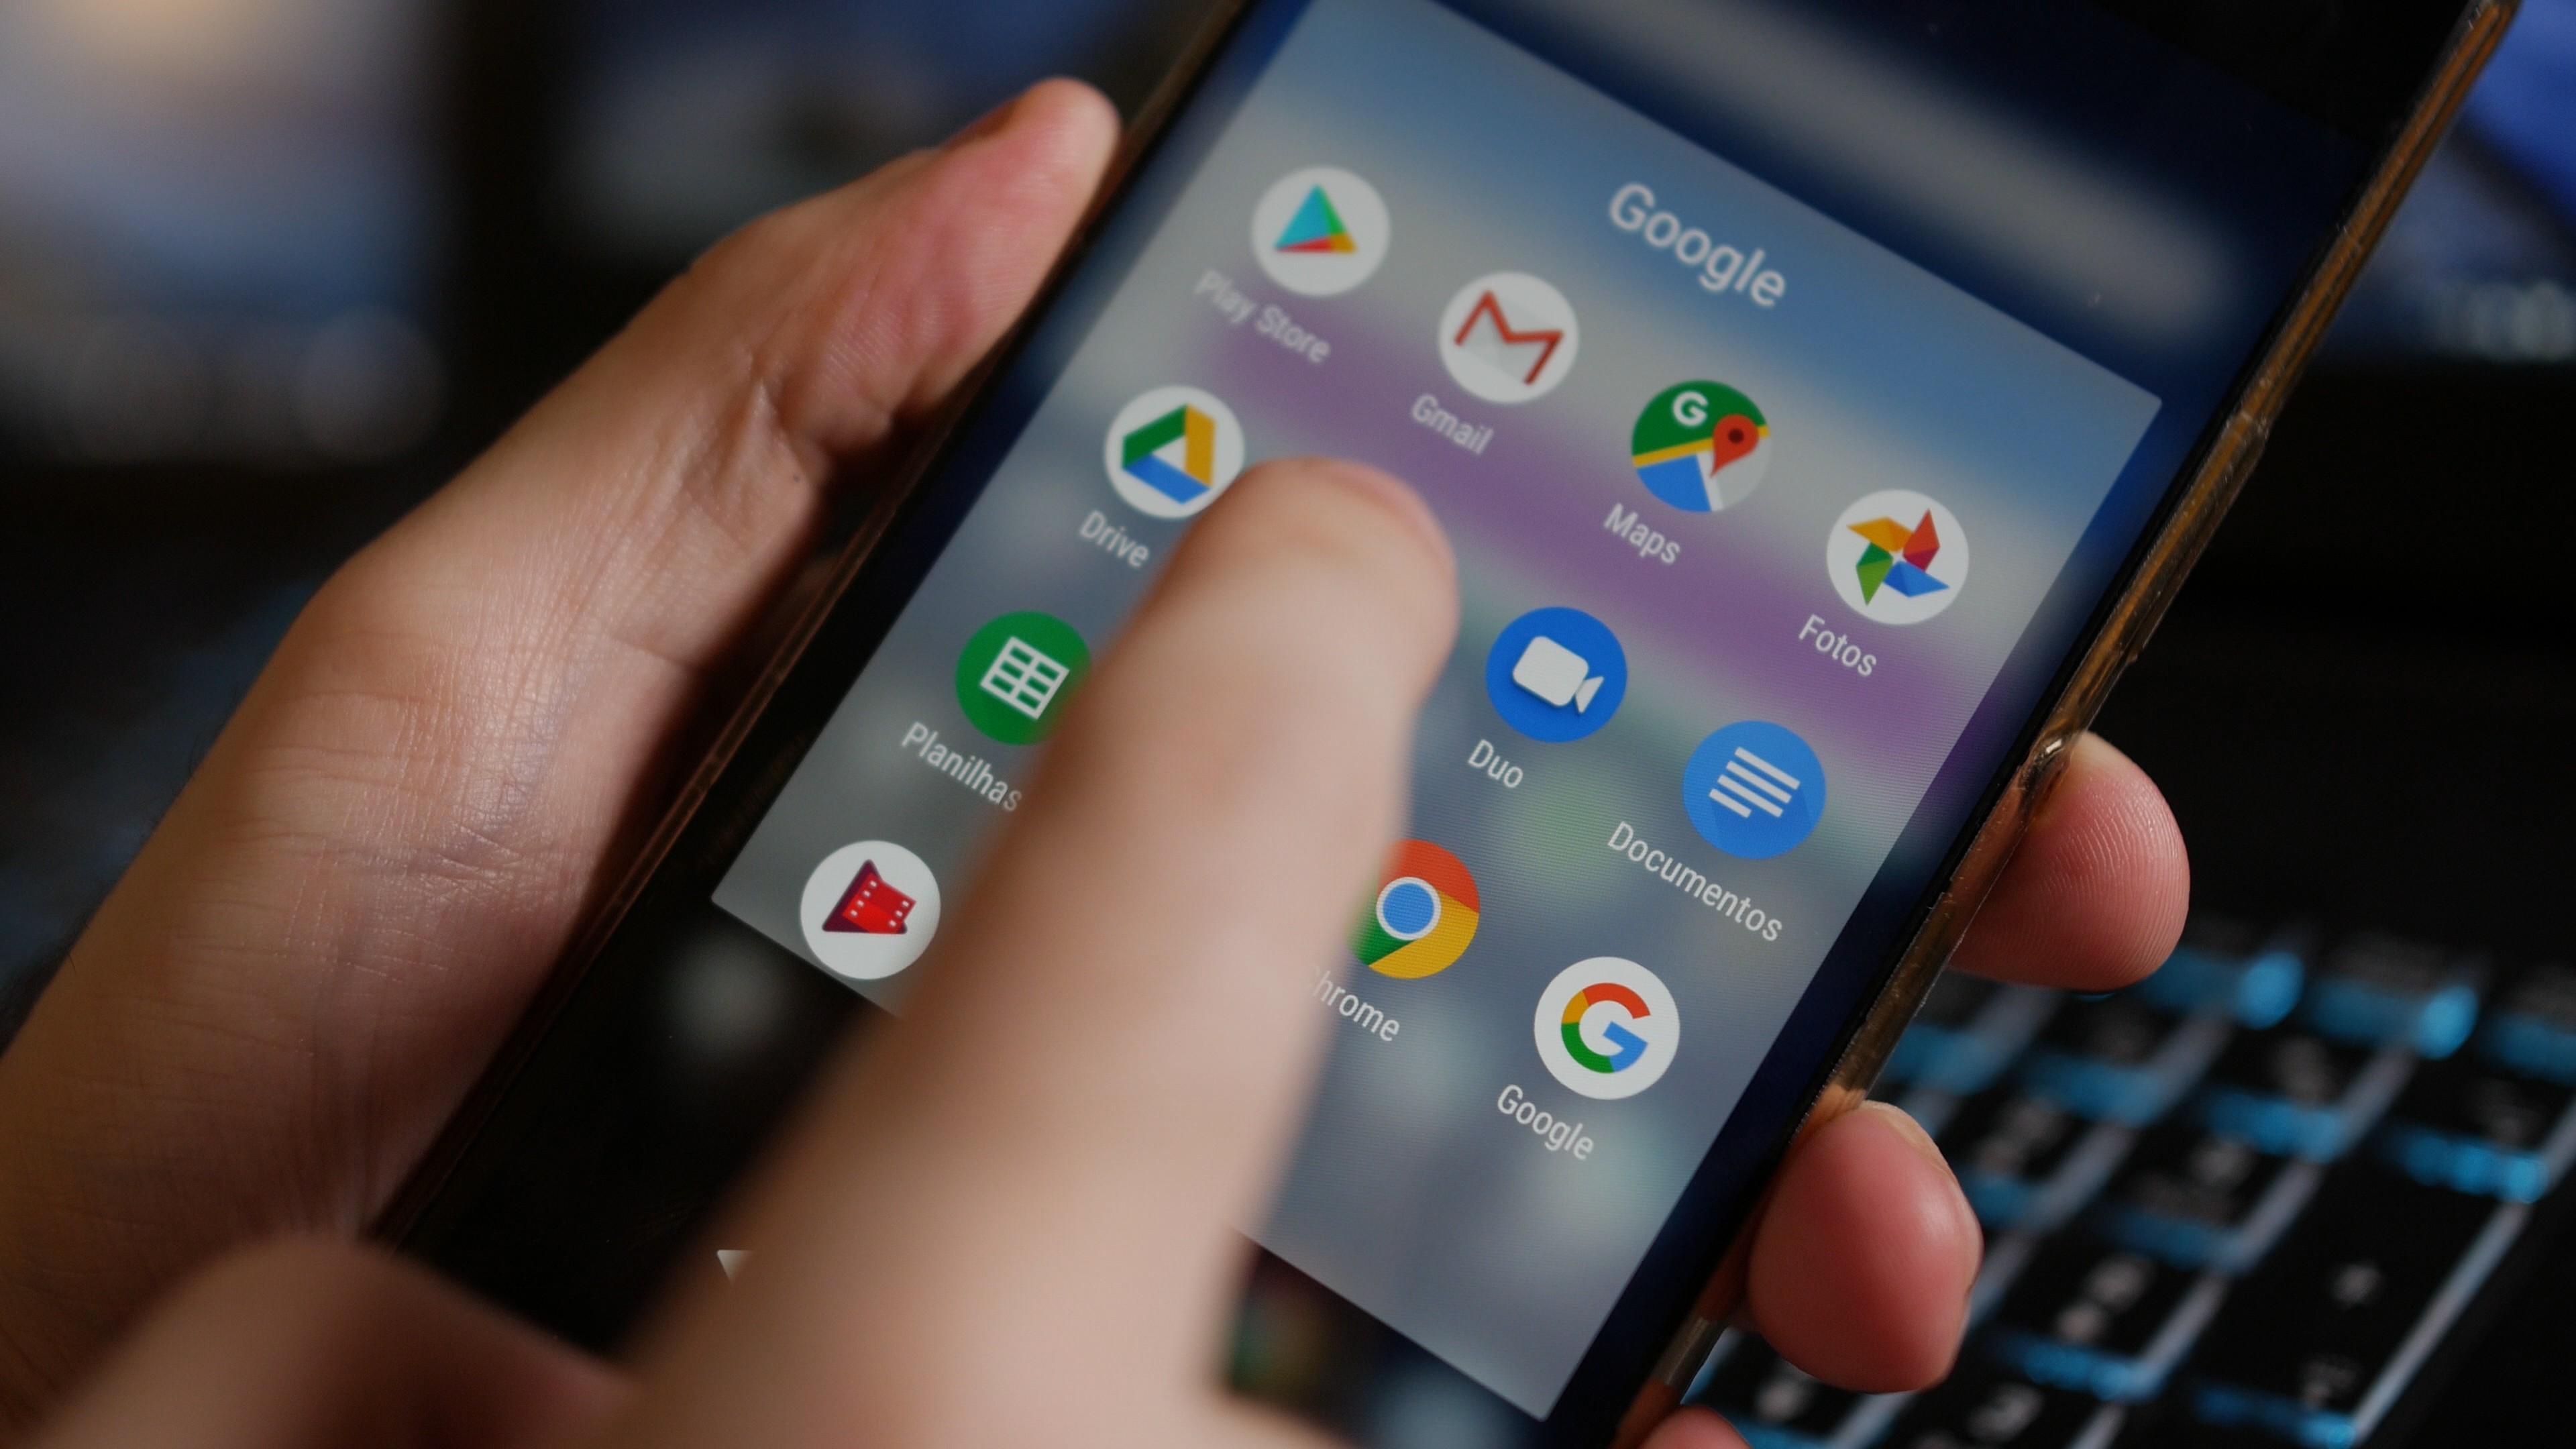 O que fazer quando estão aparecendo propagandas demais no celular?